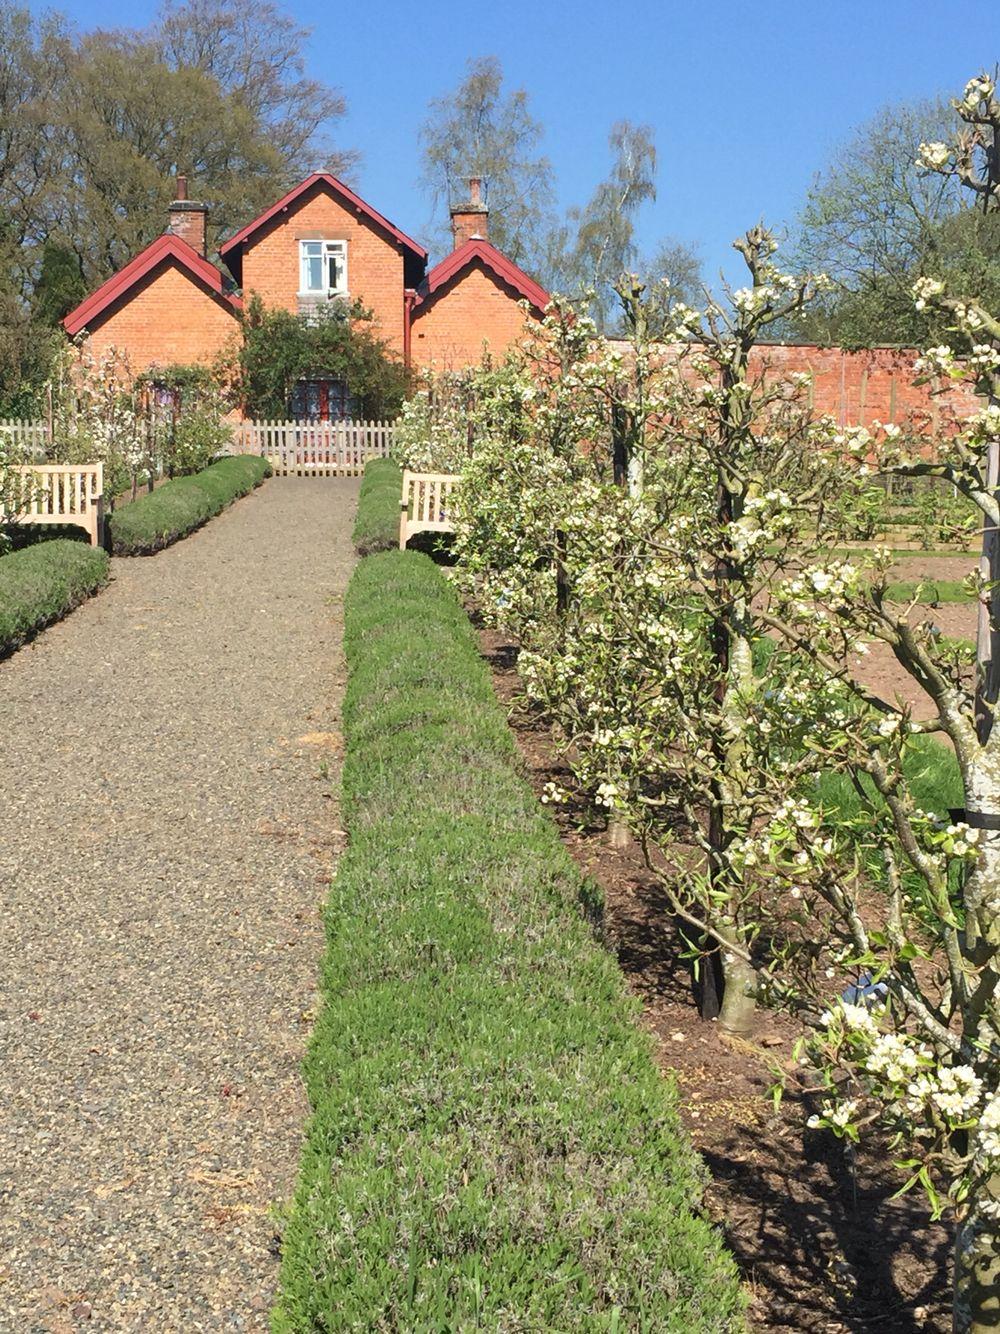 Sugnall Walled Garden Ecclesham Staffs. Recreation of a